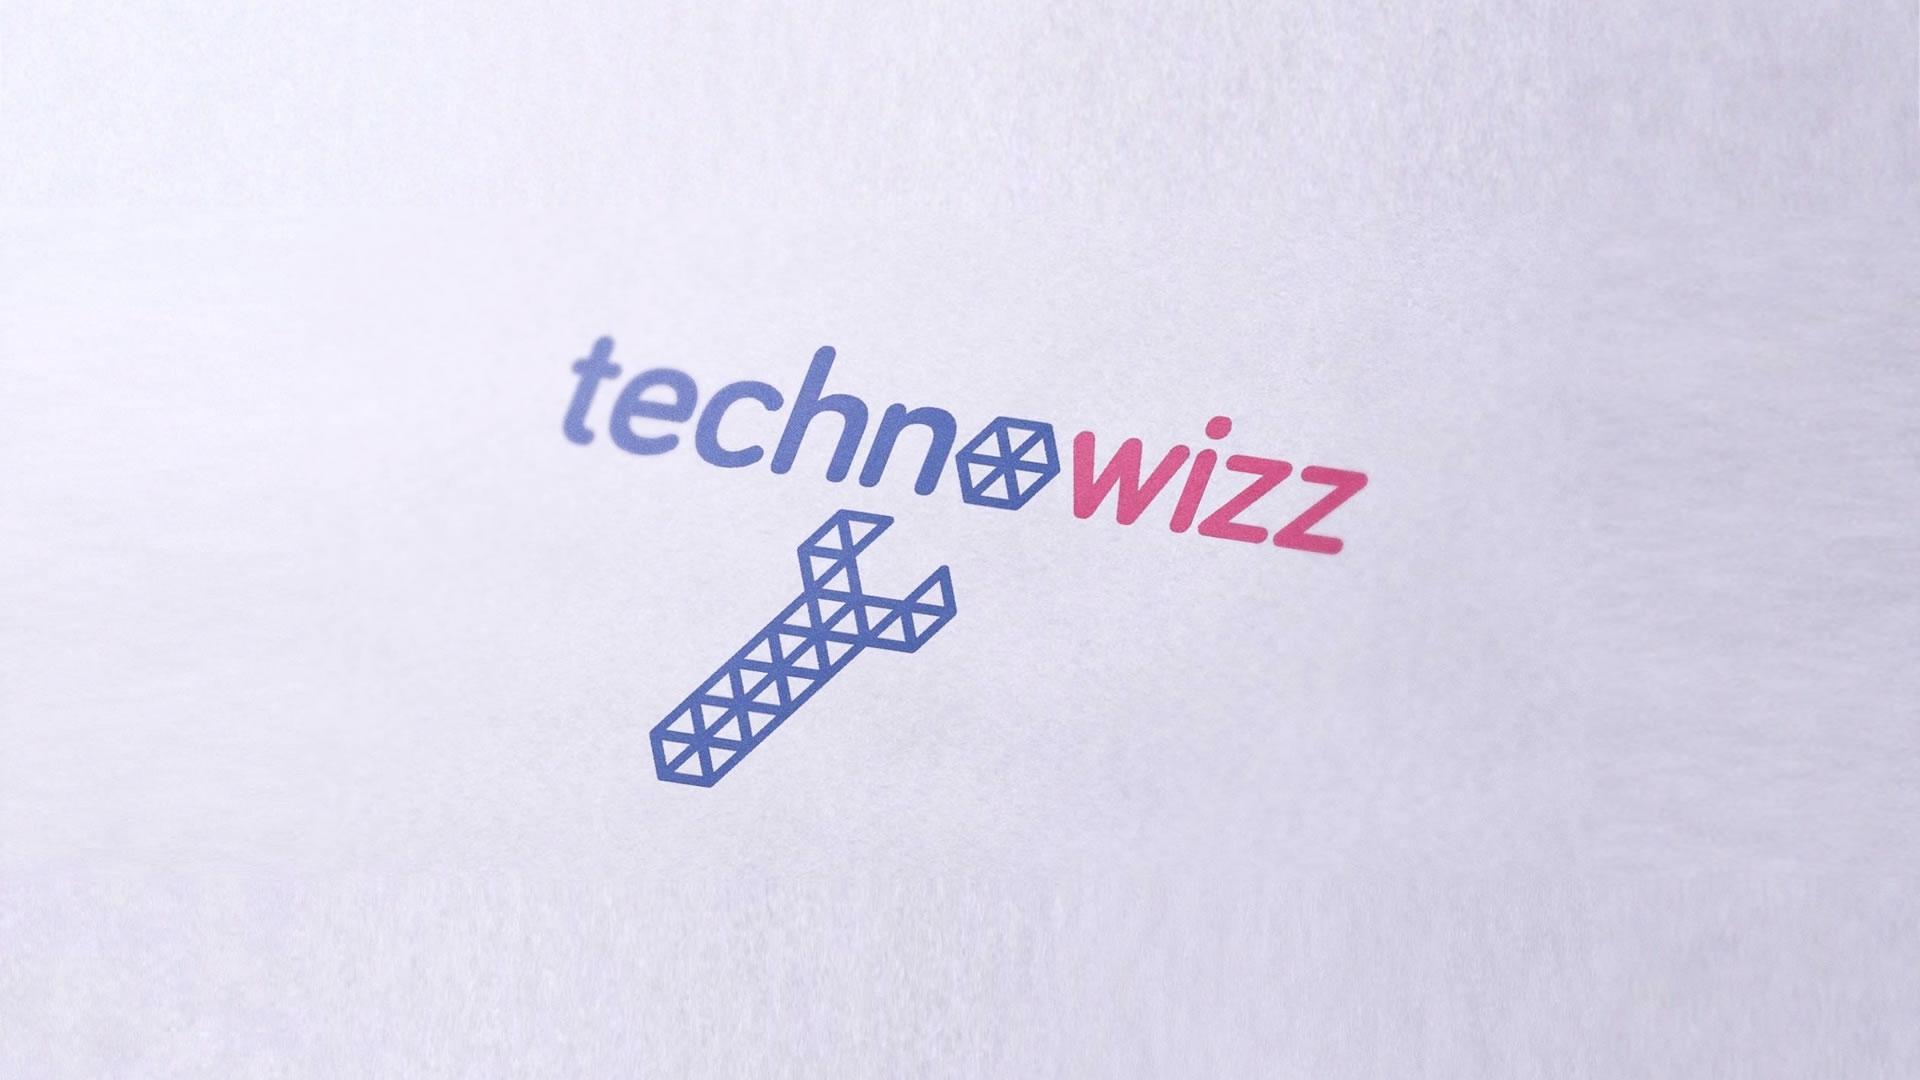 Technowizz